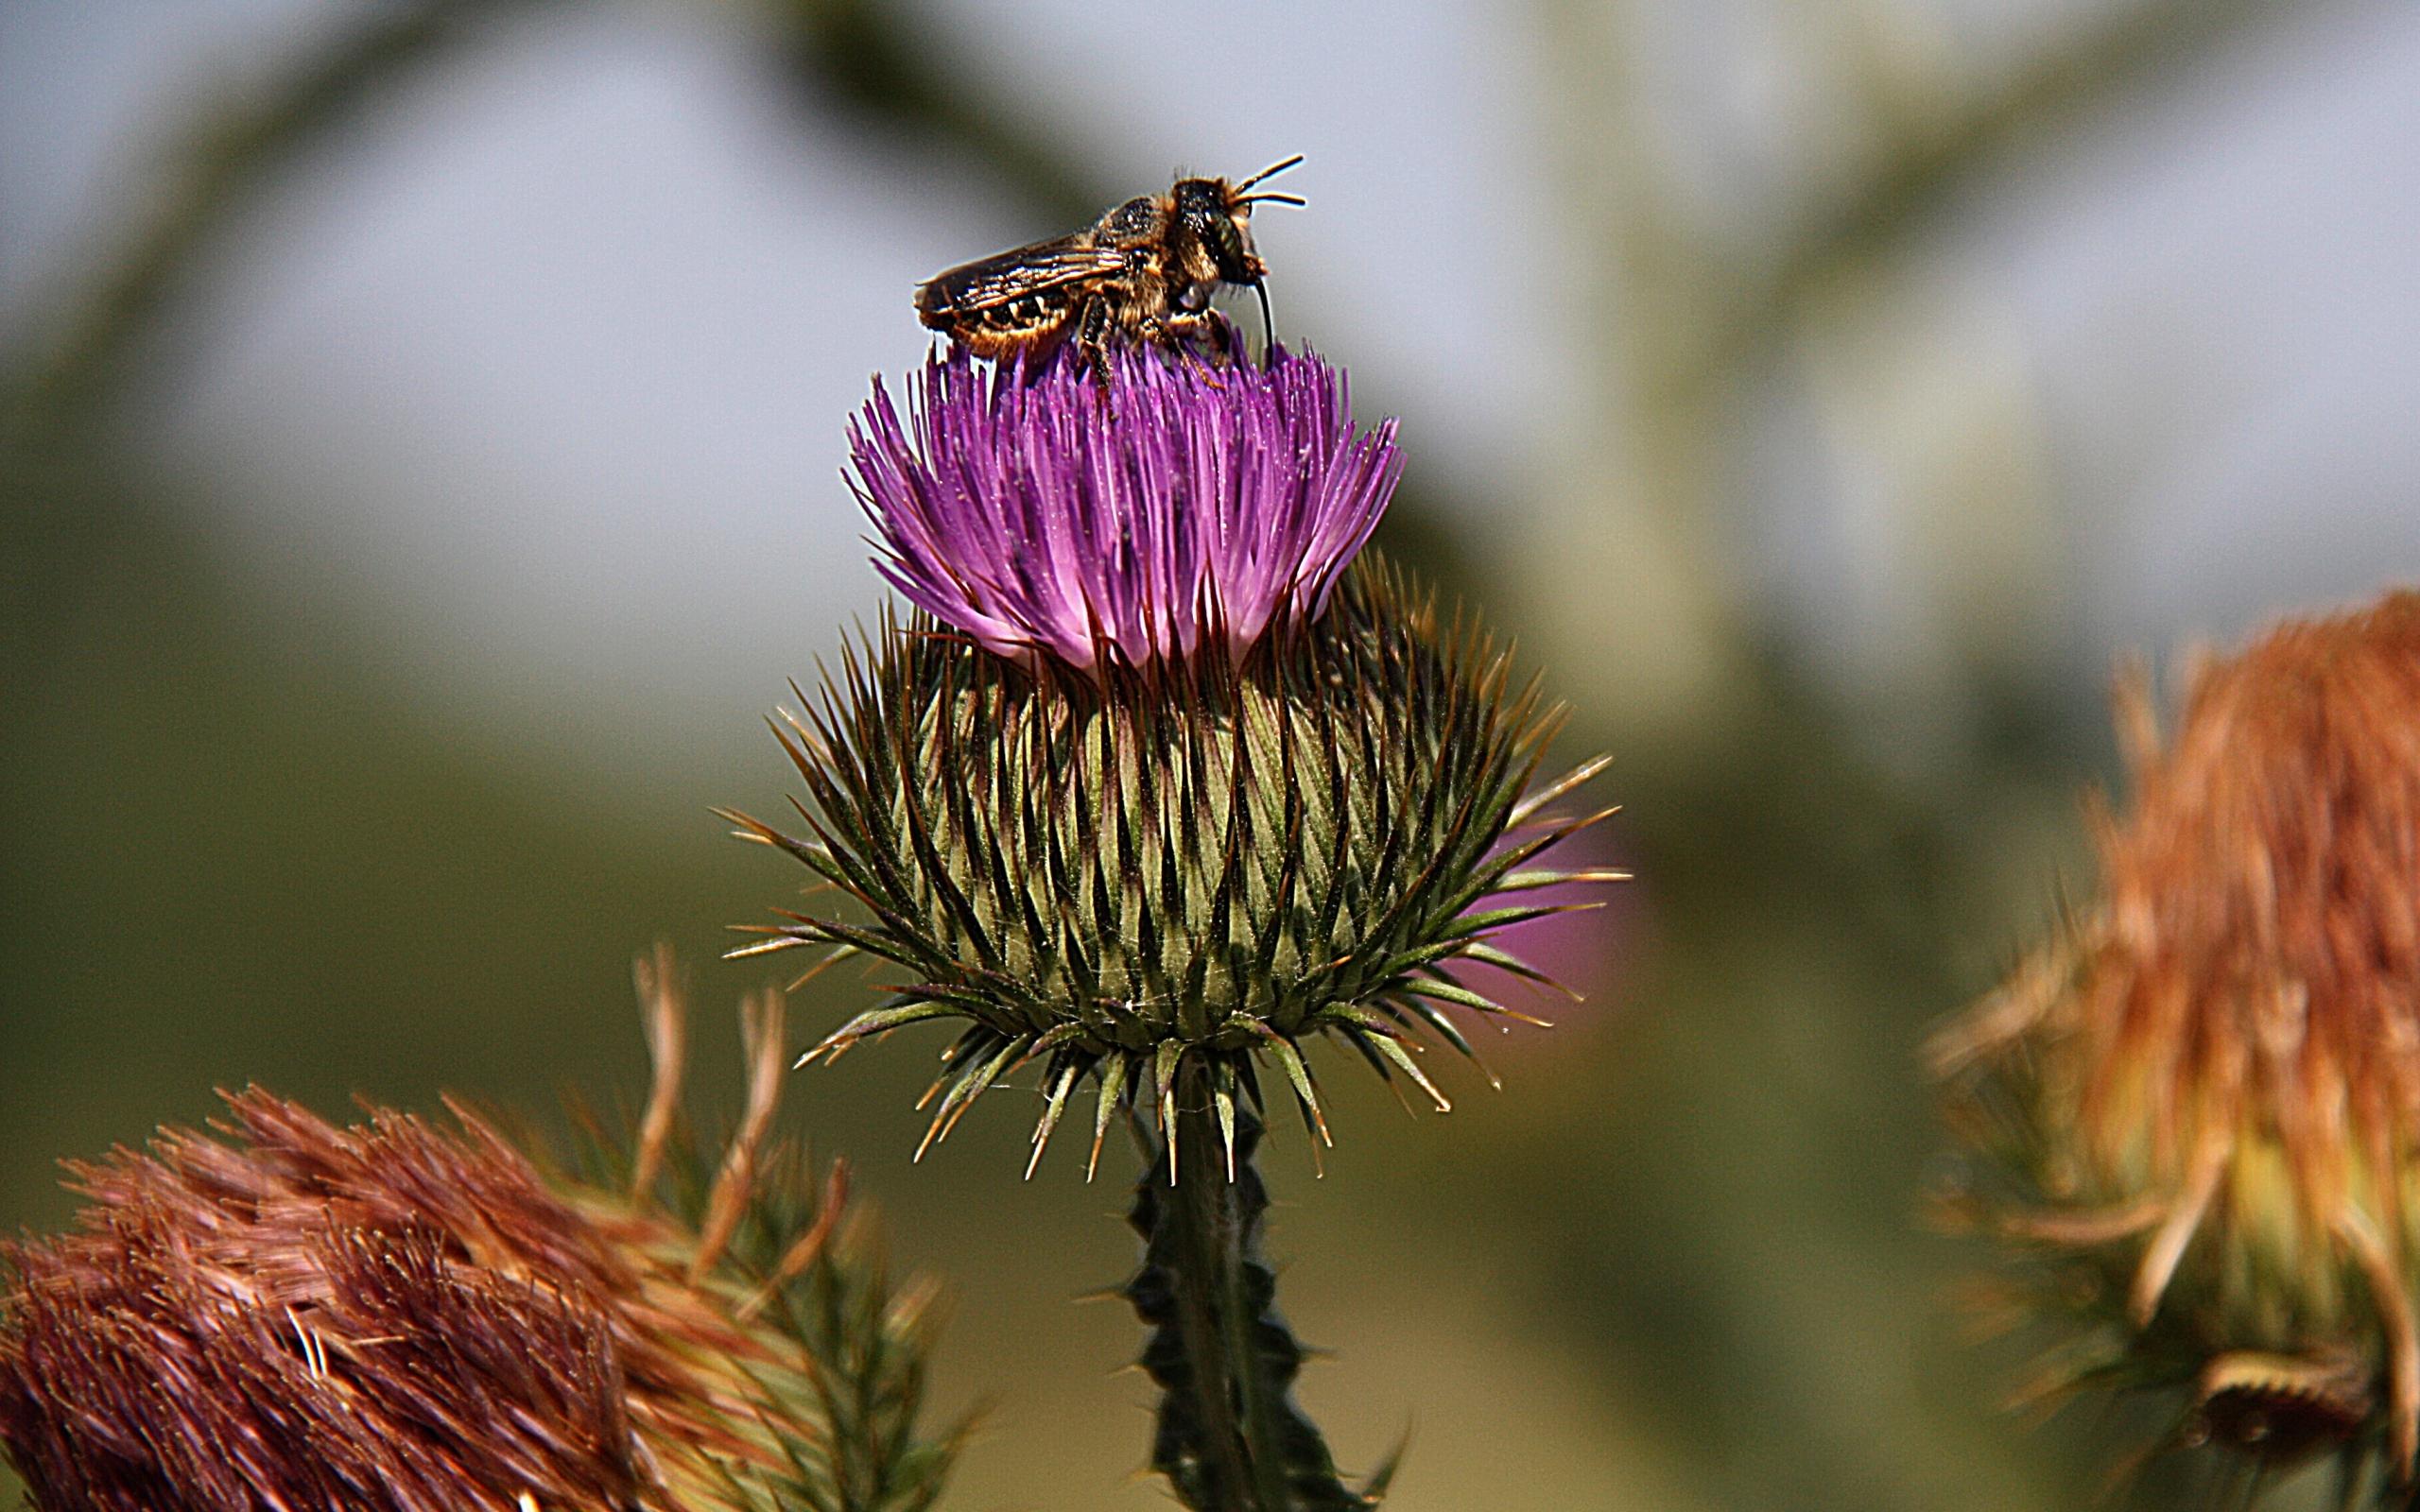 28392 Hintergrundbild herunterladen Blumen, Insekten, Bienen - Bildschirmschoner und Bilder kostenlos